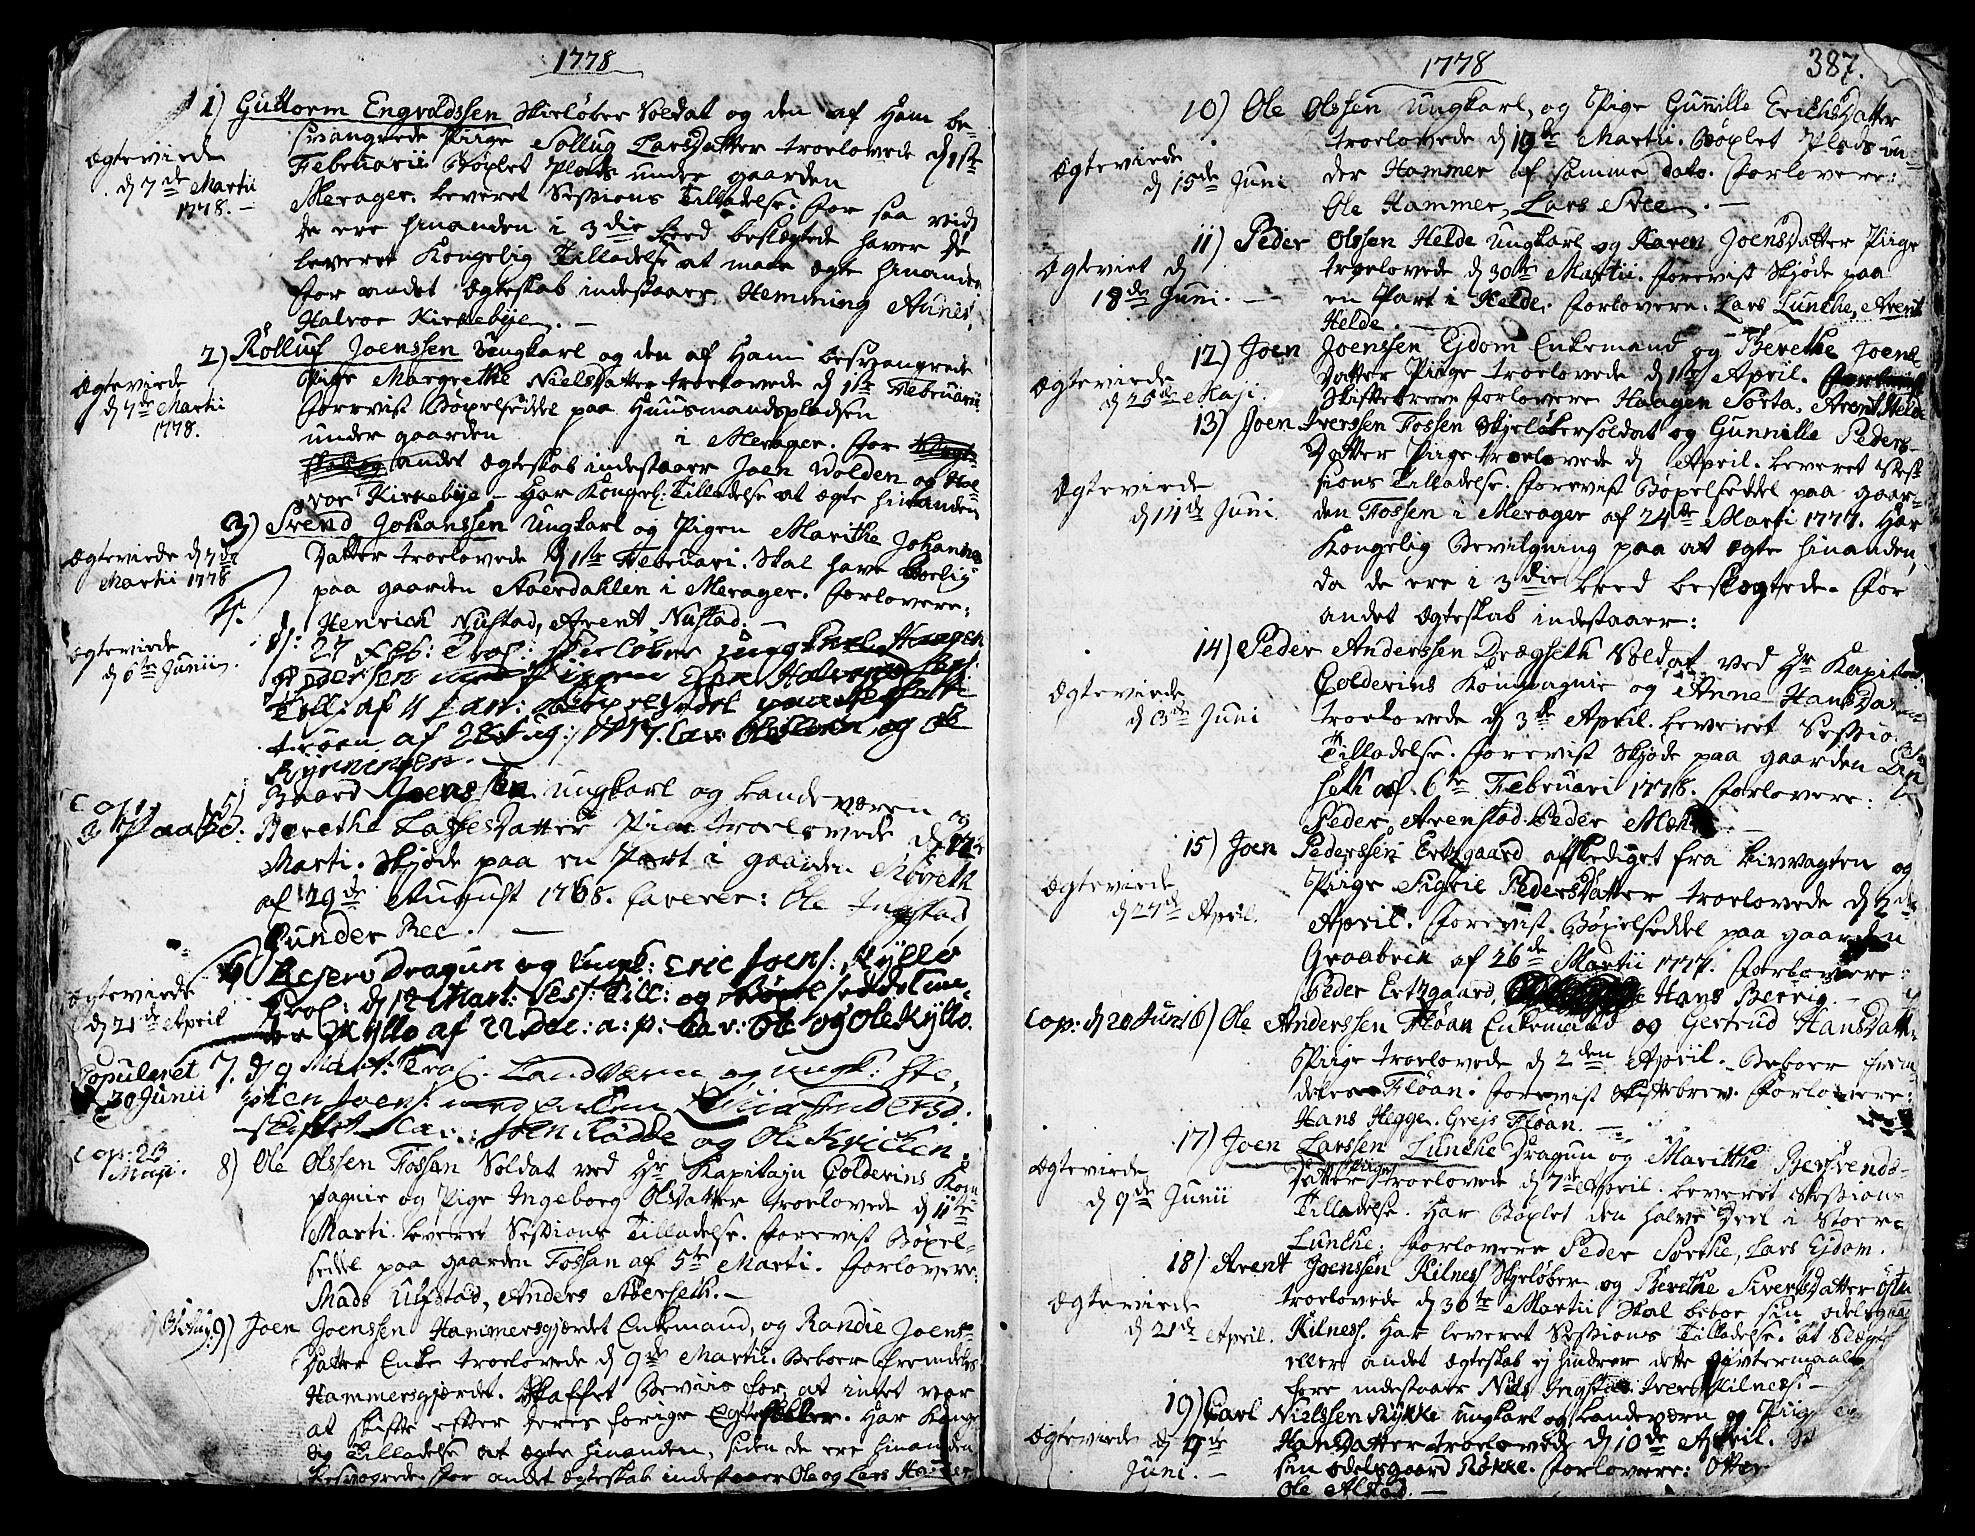 SAT, Ministerialprotokoller, klokkerbøker og fødselsregistre - Nord-Trøndelag, 709/L0057: Ministerialbok nr. 709A05, 1755-1780, s. 387